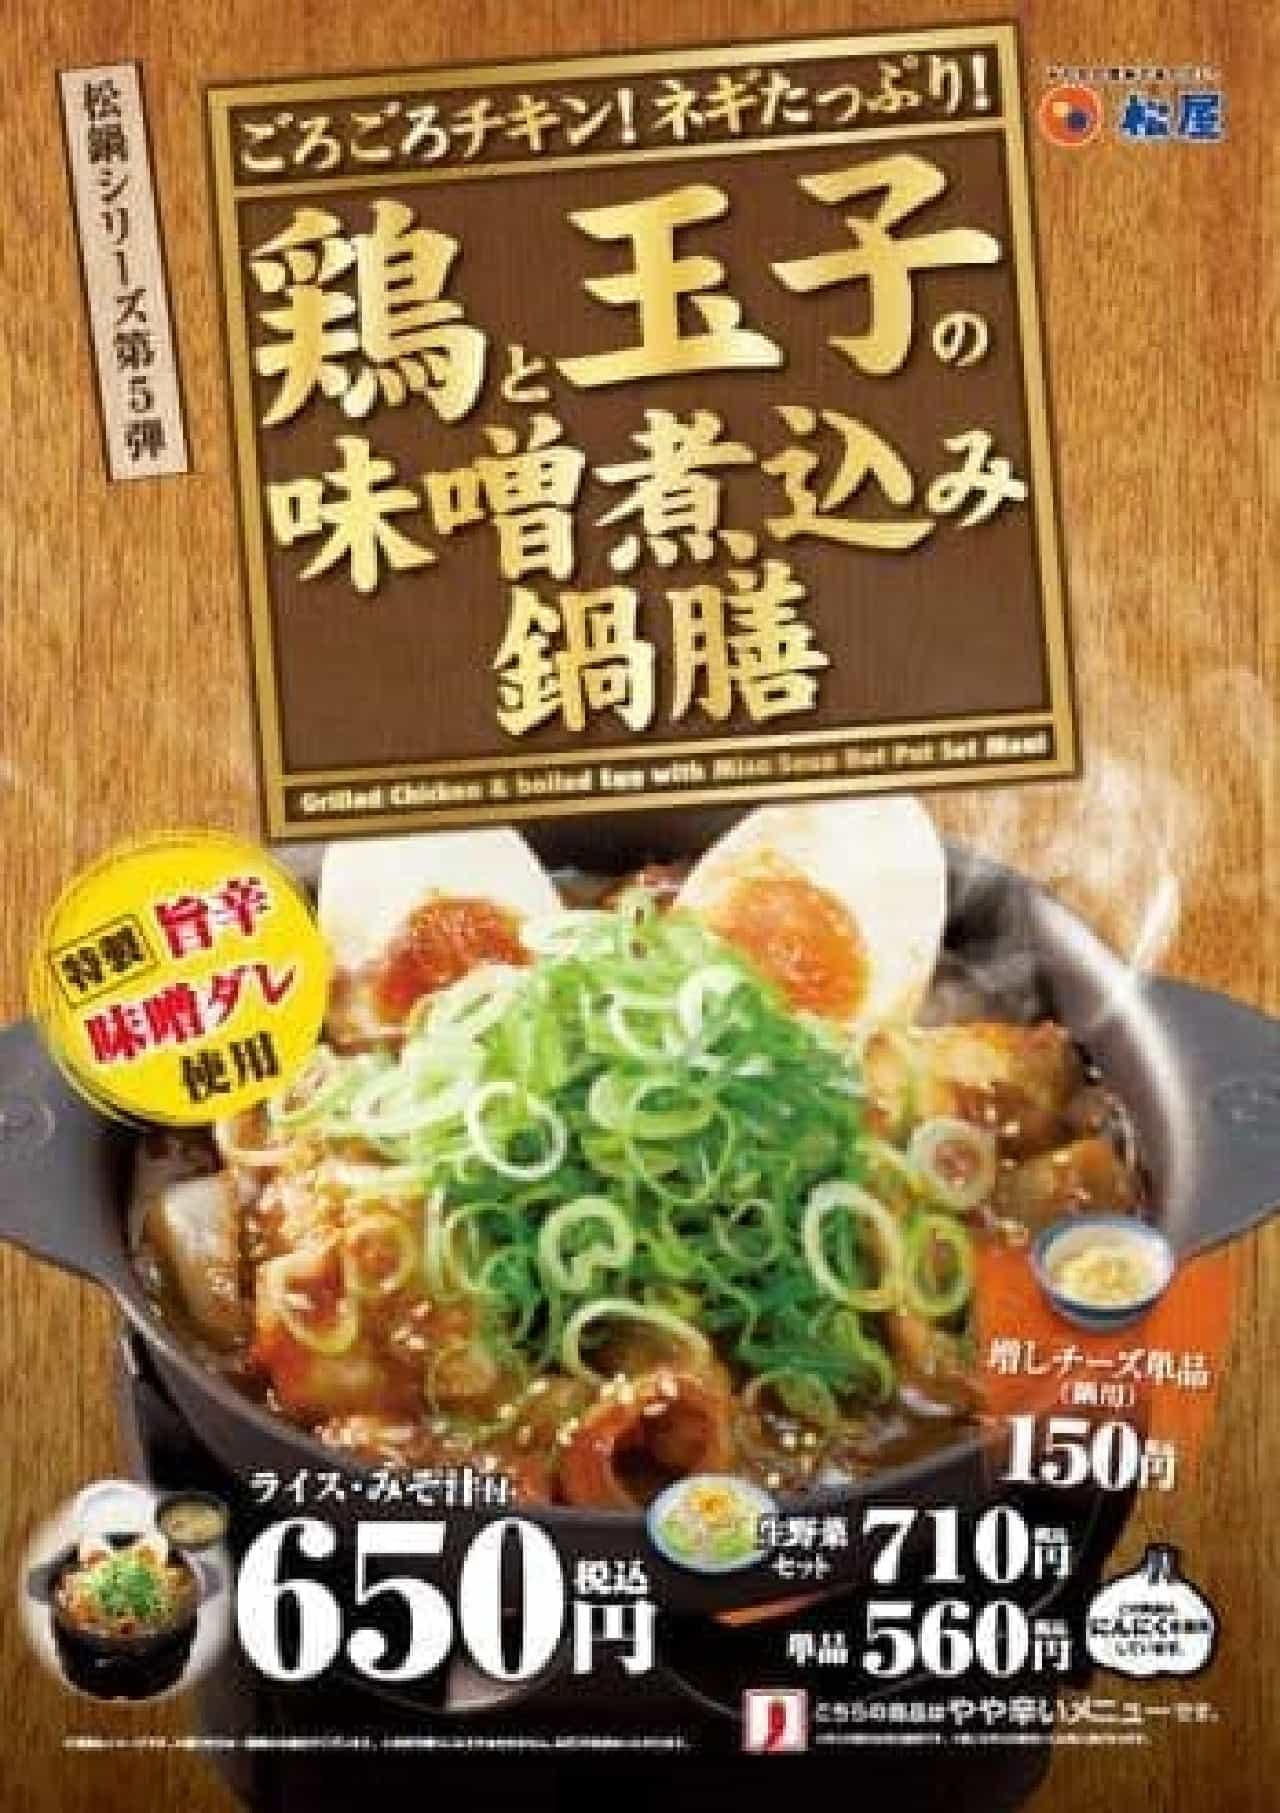 松屋「鶏と玉子の味噌煮込み鍋膳」